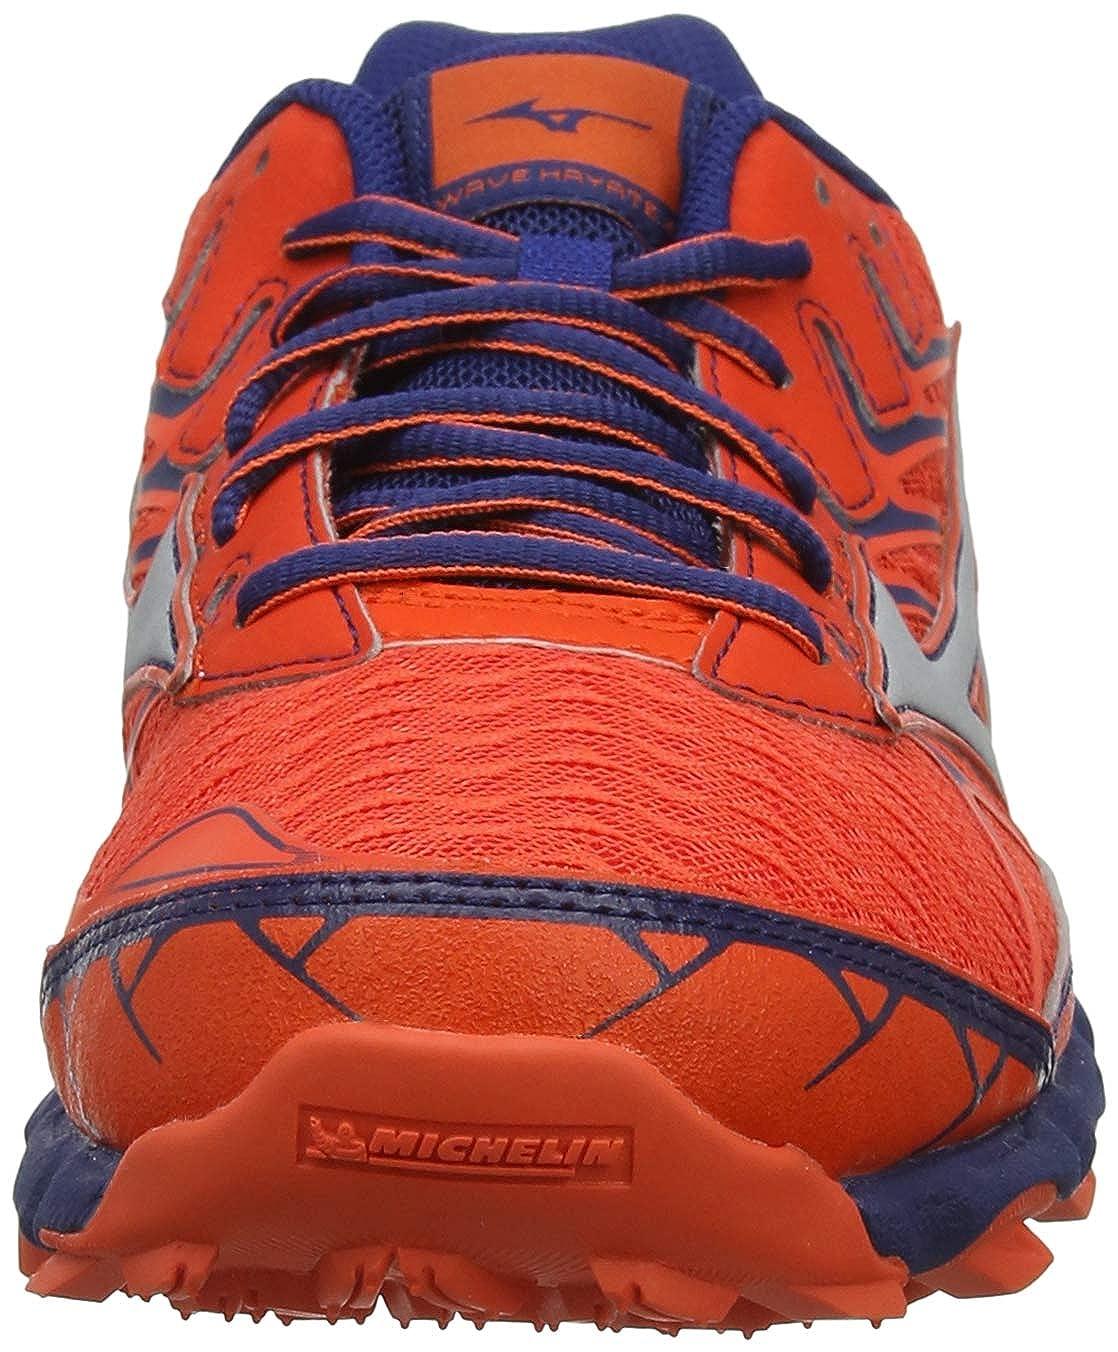 927c19f61087 Mizuno Men's Wave Hayate 4 Running Shoes: Amazon.co.uk: Shoes & Bags